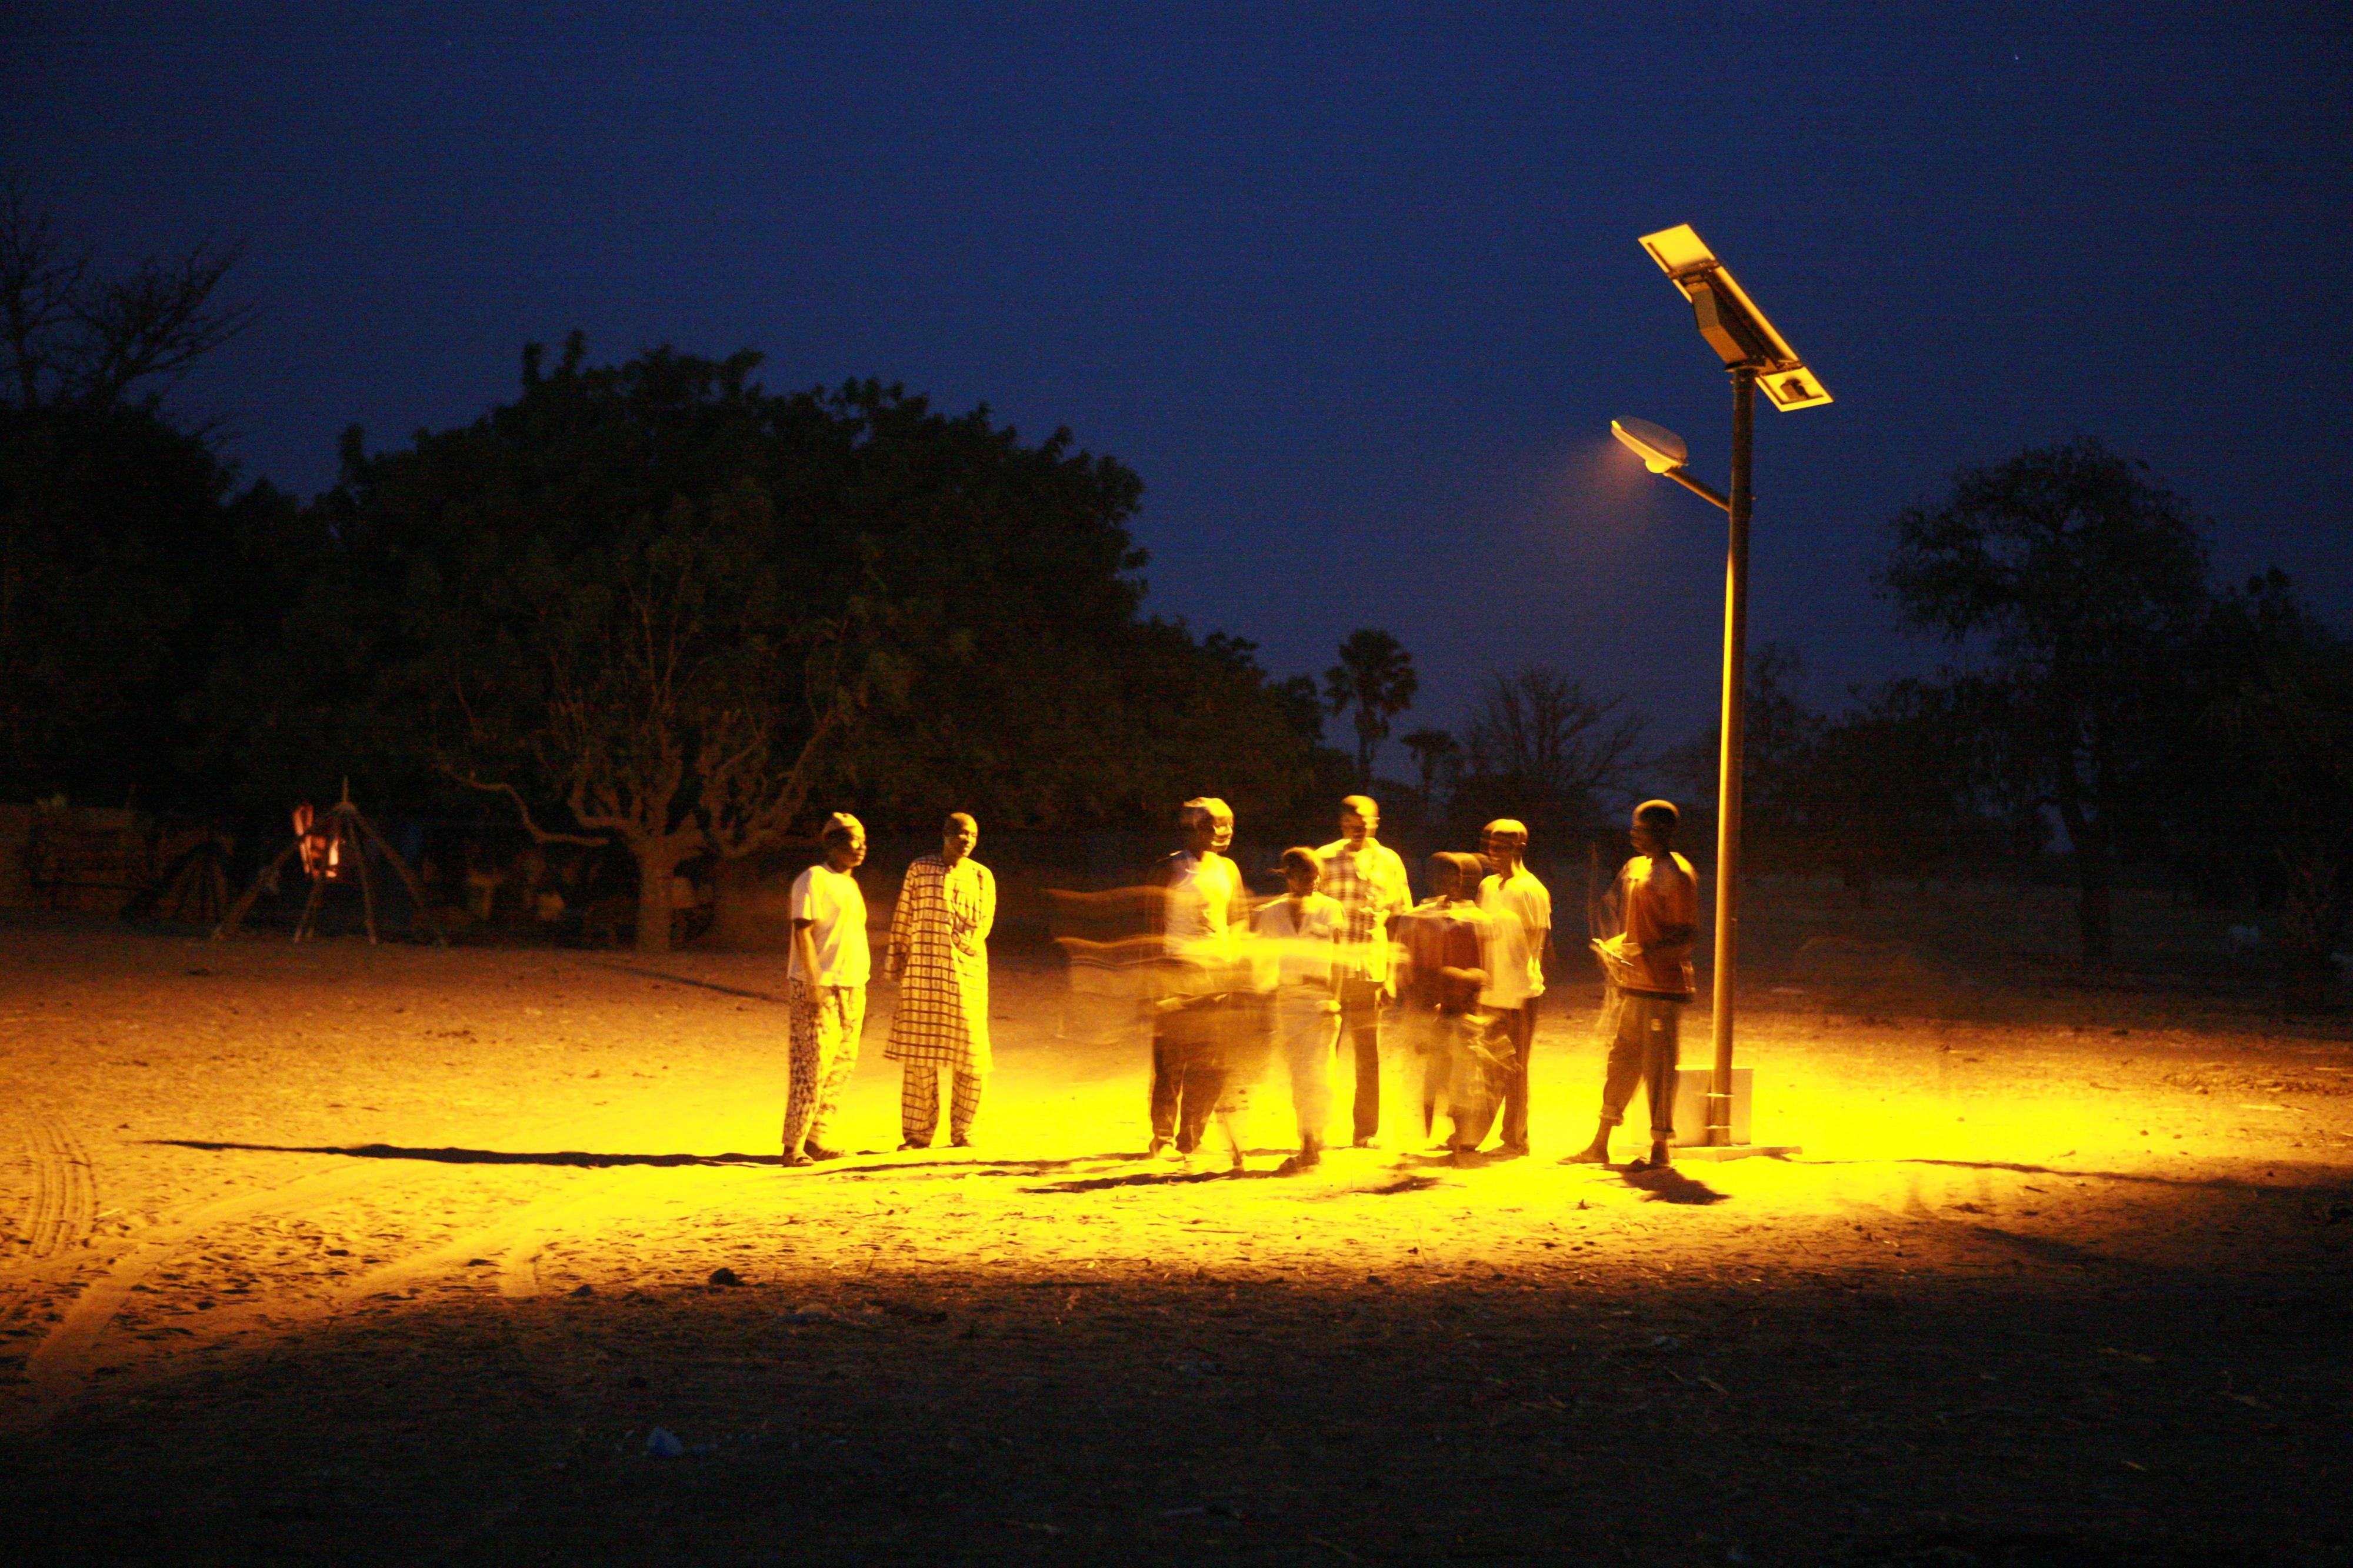 Straßenbeleuchtung durch ein solargetriebenes Mini-Stromnetz in einem Dorf in Senegal